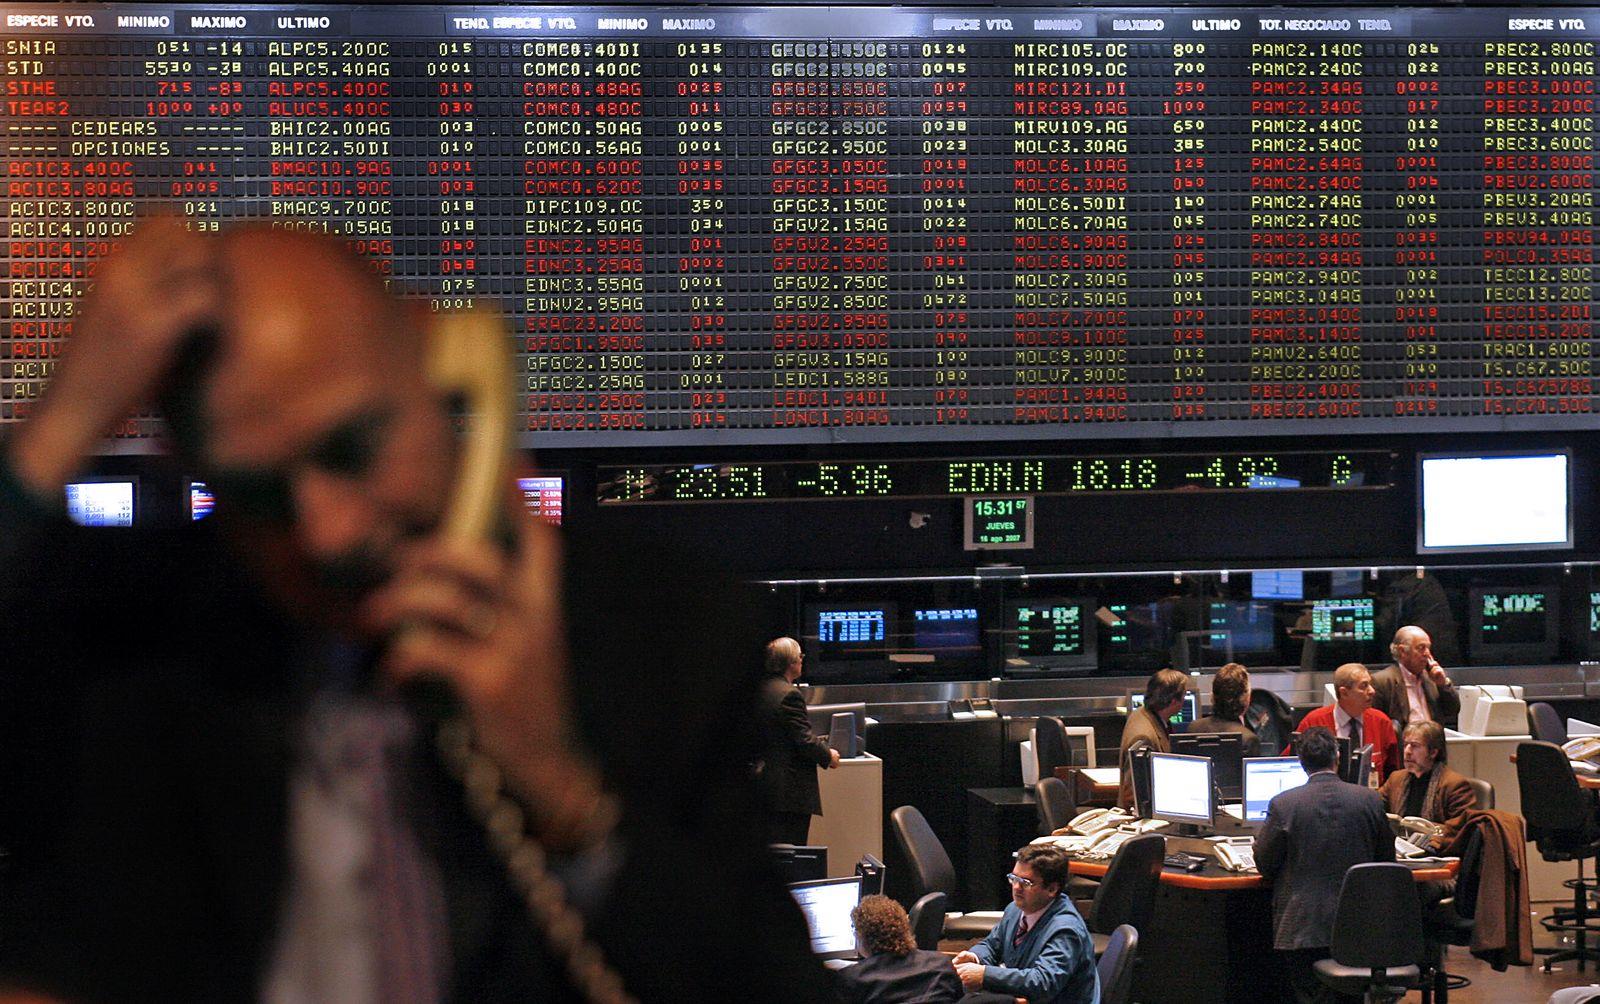 Börse in Buenos Aires / Argentinien / BCBA (Kopie)